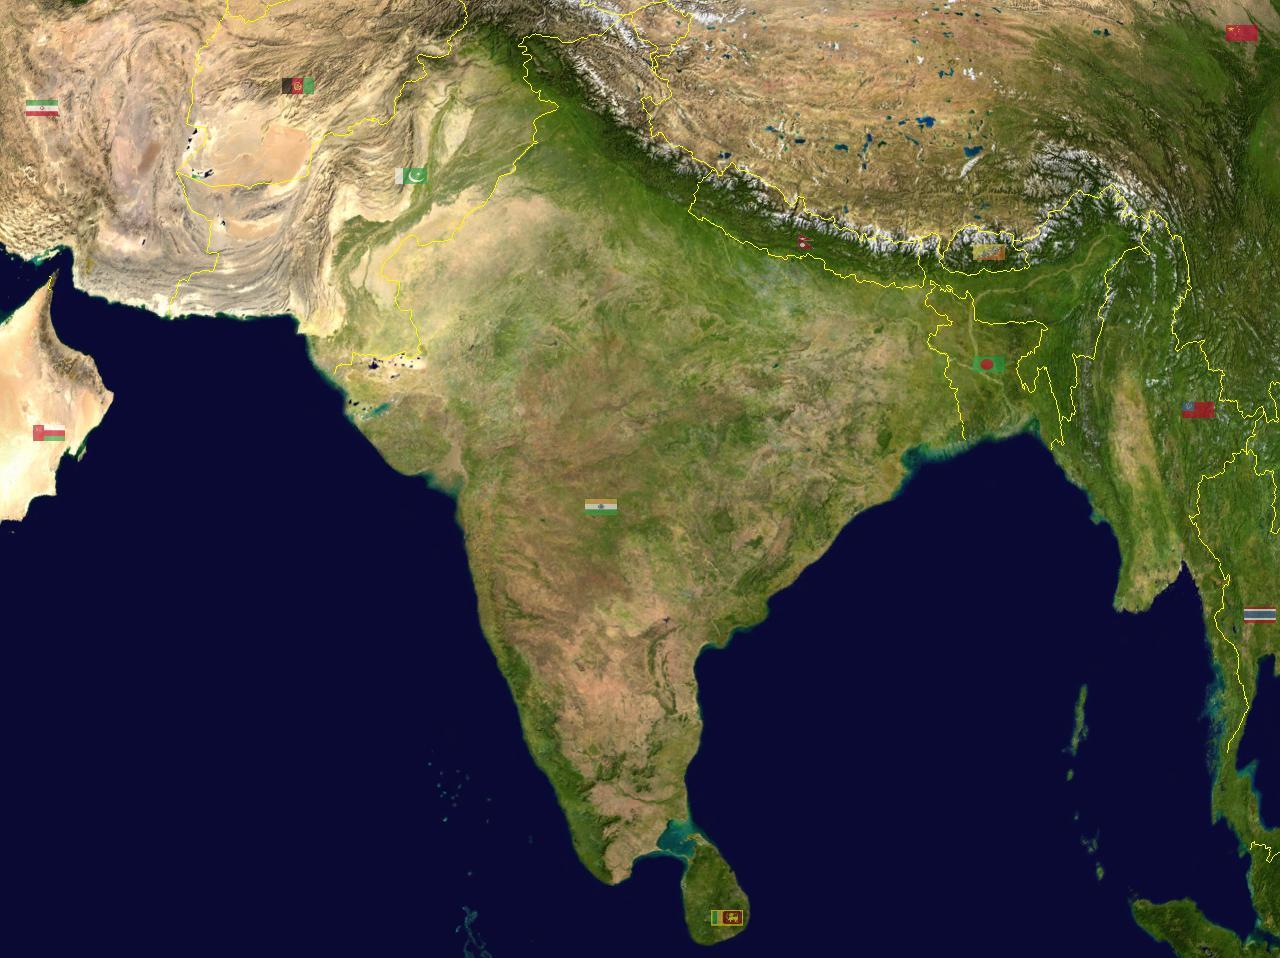 Image:India 78.40398E 20.74980N